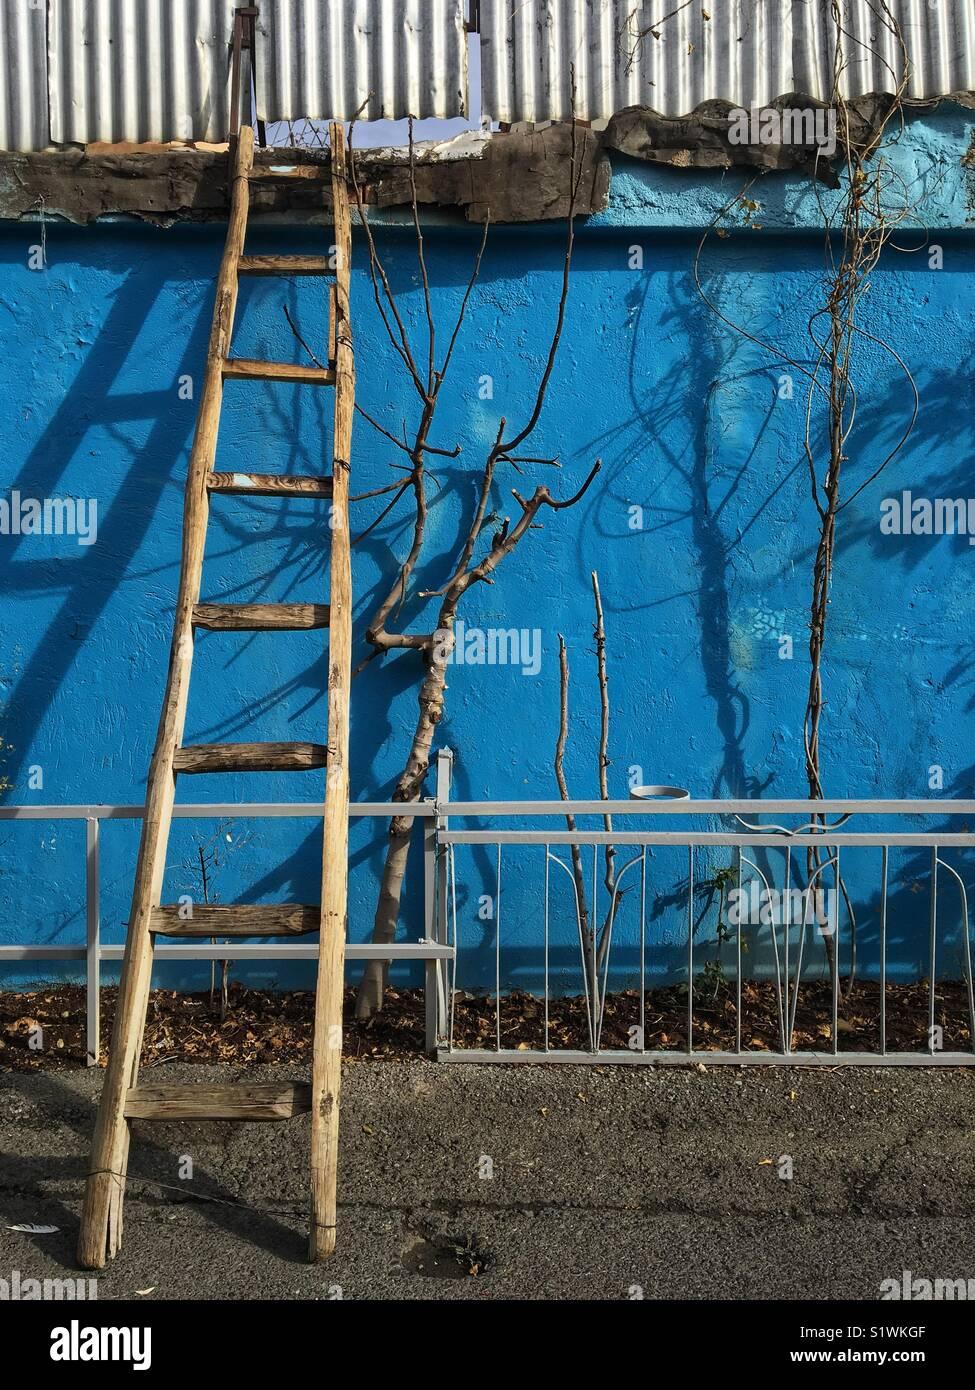 Una escalera en una pared azul. Imagen De Stock